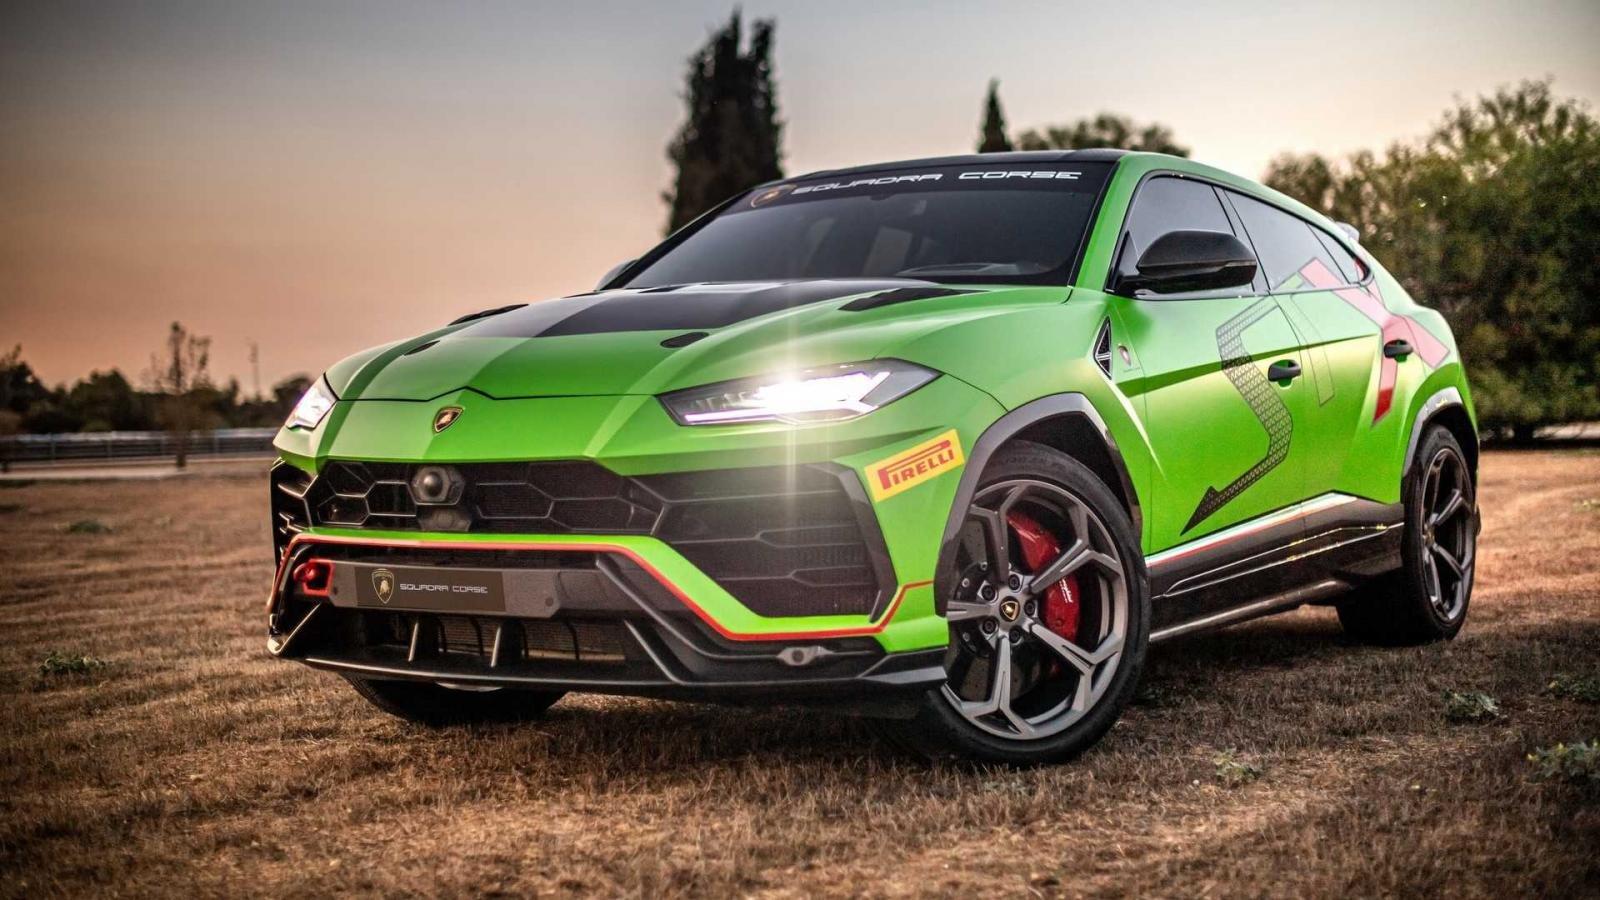 Lamborghini tiết lộ hình ảnh chiếc xe đua SUV đầu tiên trên thế giới,